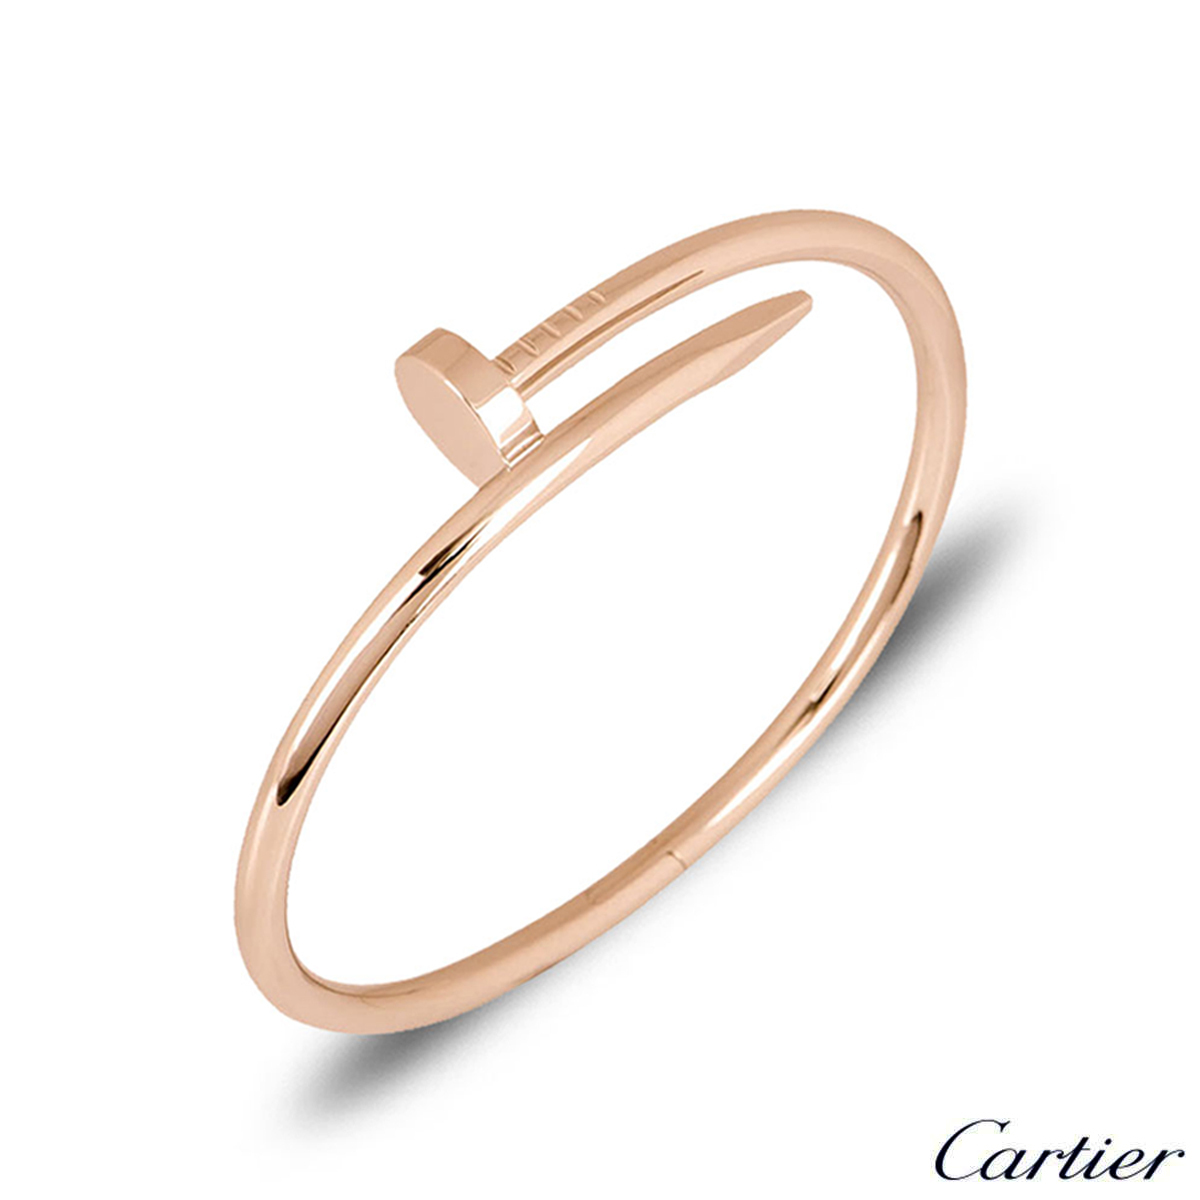 Cartier Rose Gold Juste Un Clou Bracelet Size 19 B6048119